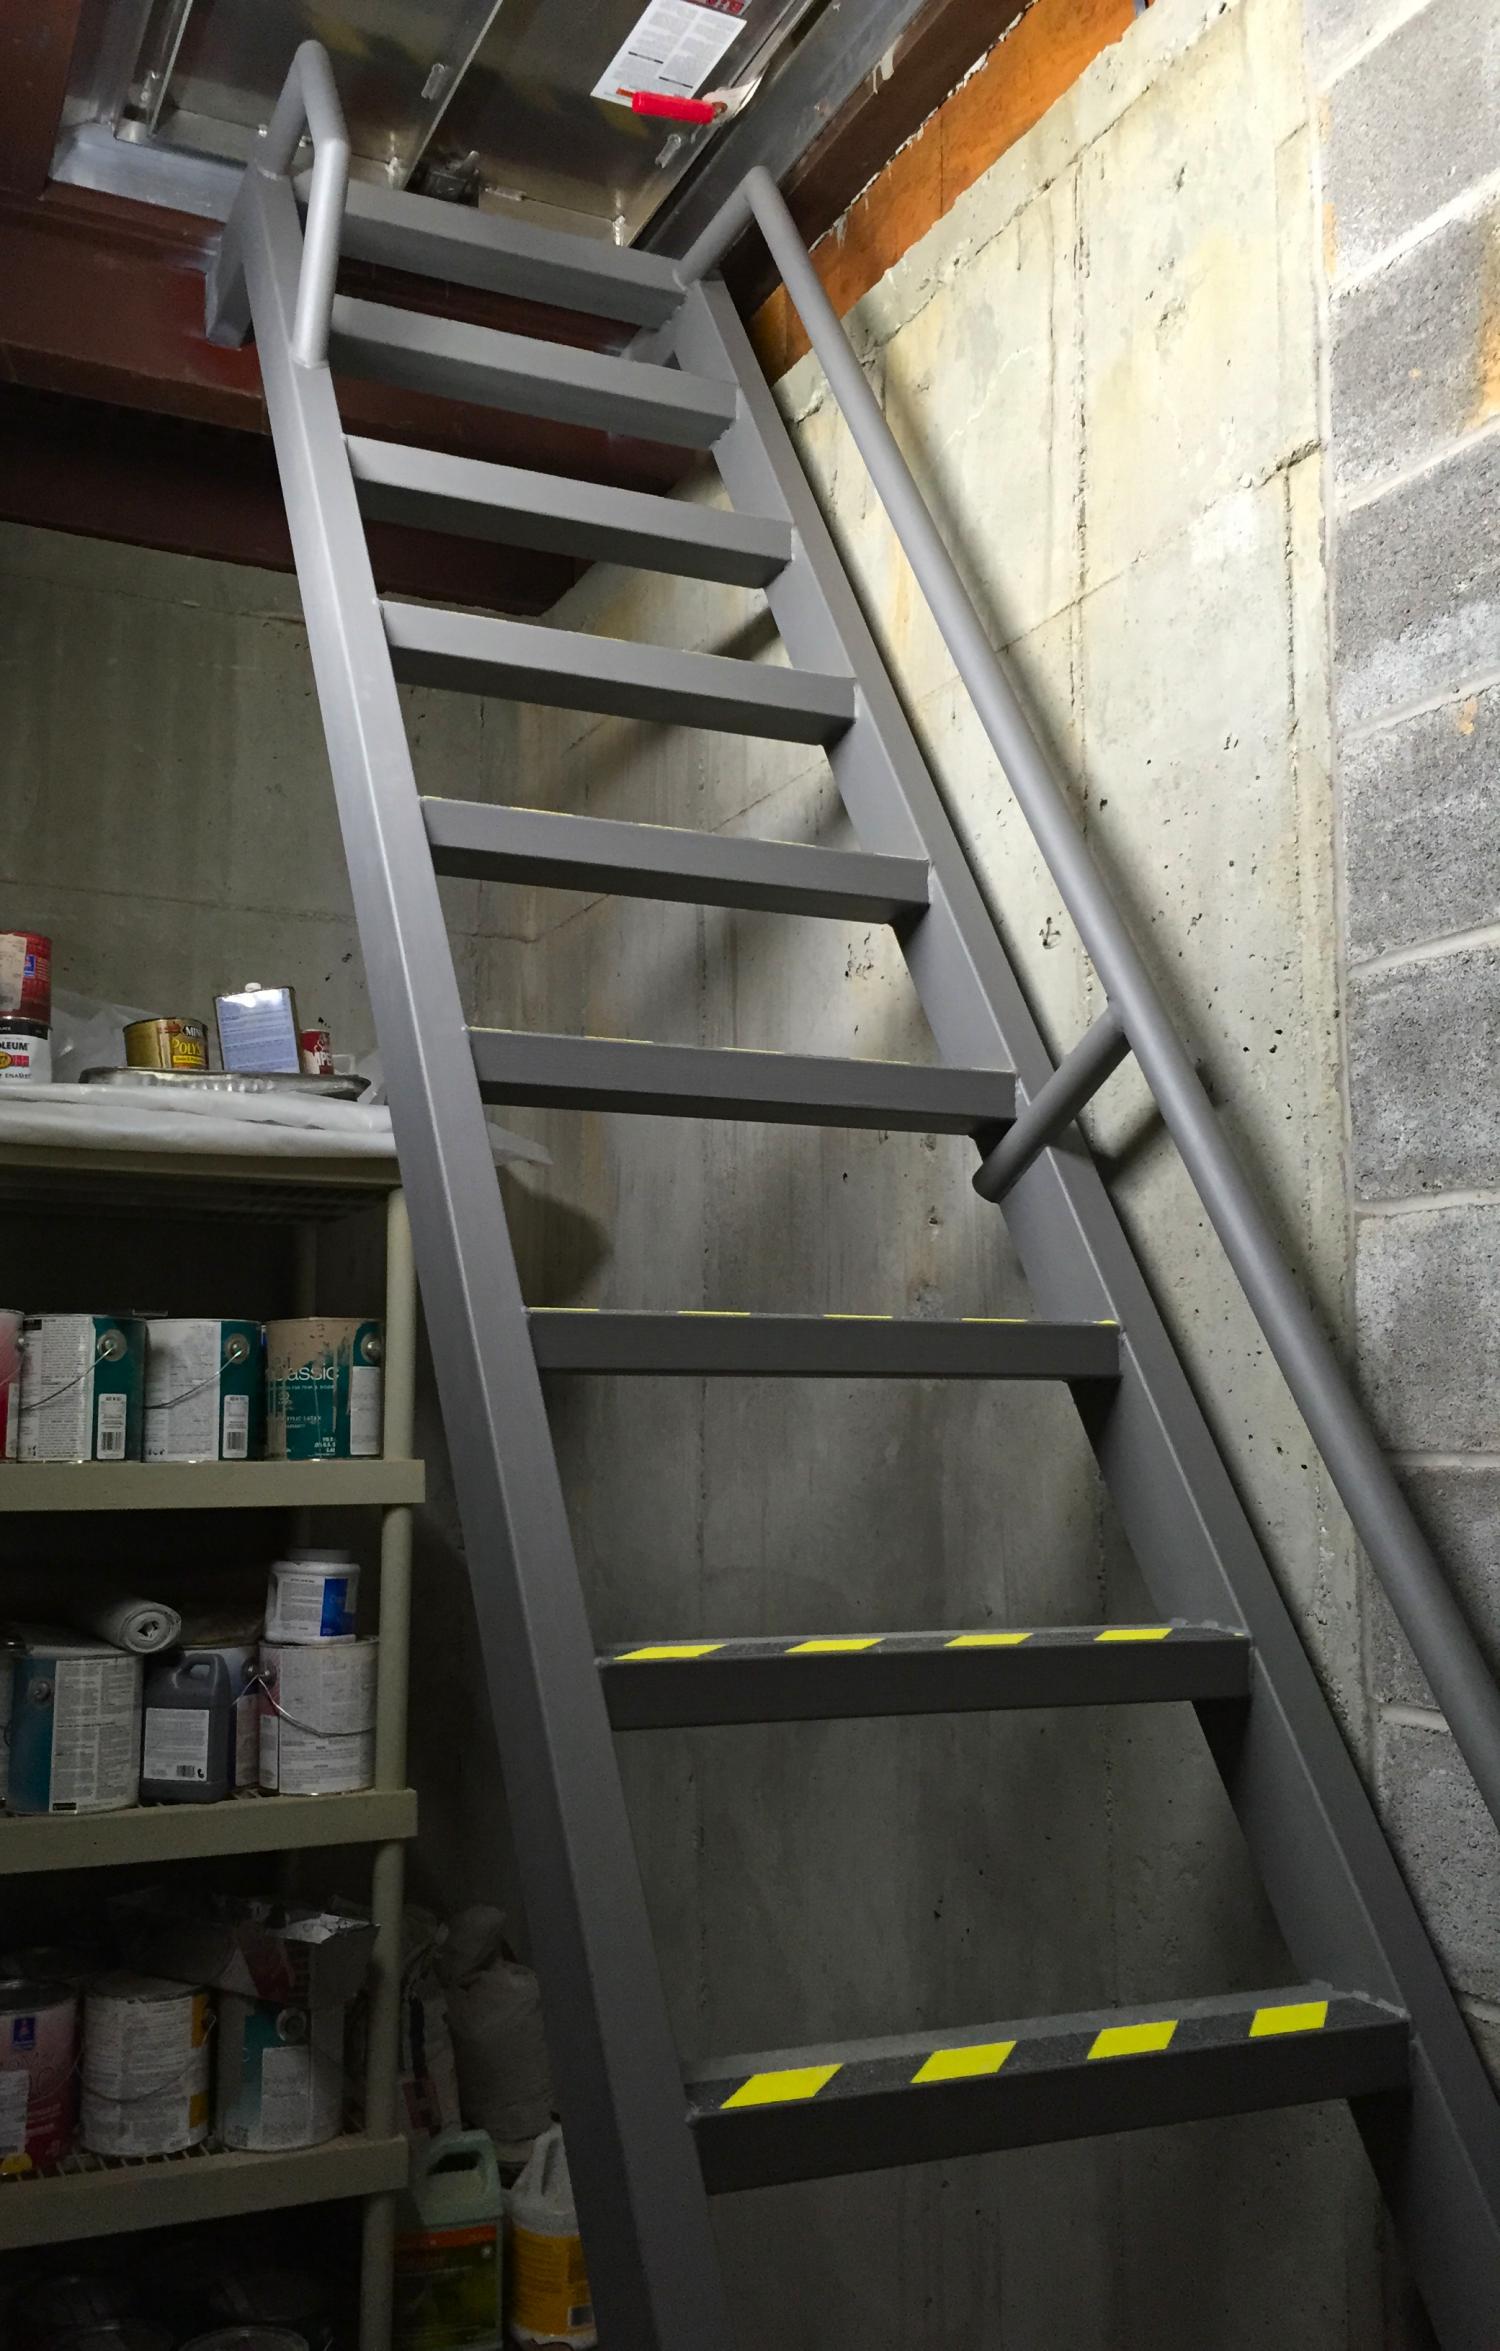 Safe Room Ladder & Railing